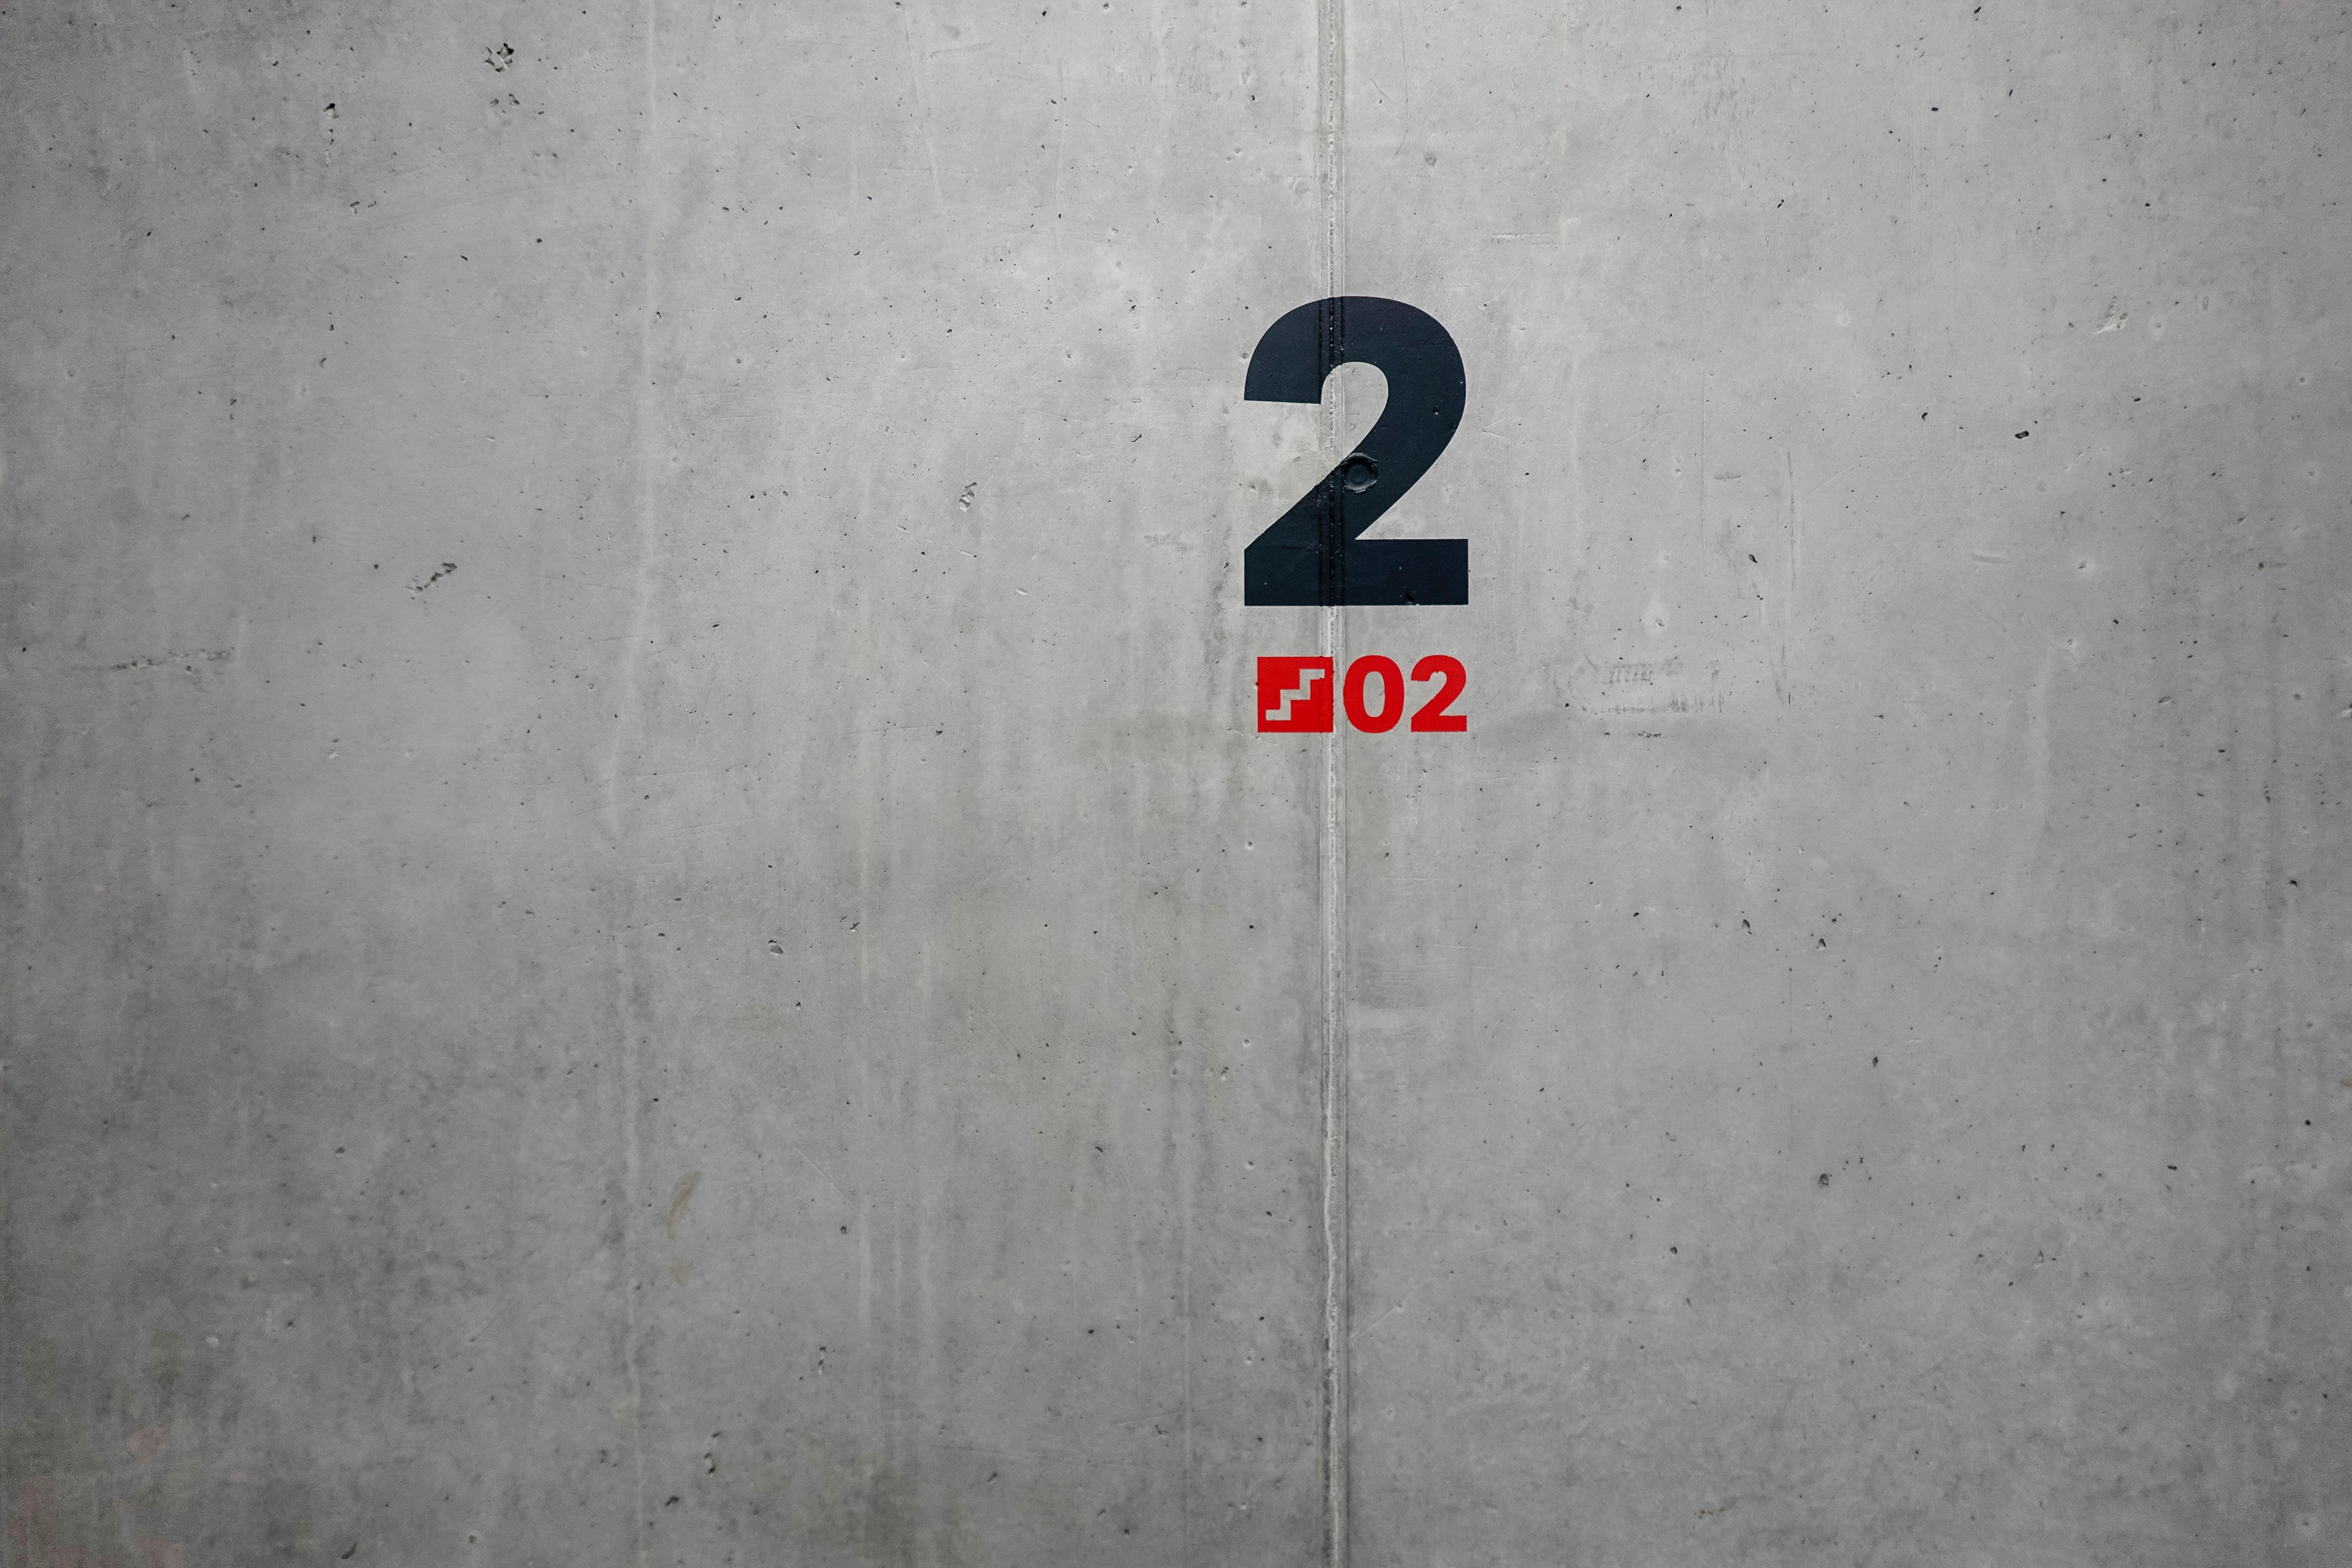 71845壁紙のダウンロード言葉, 碑文, 数字, 番号, ルーム, 数-スクリーンセーバーと写真を無料で